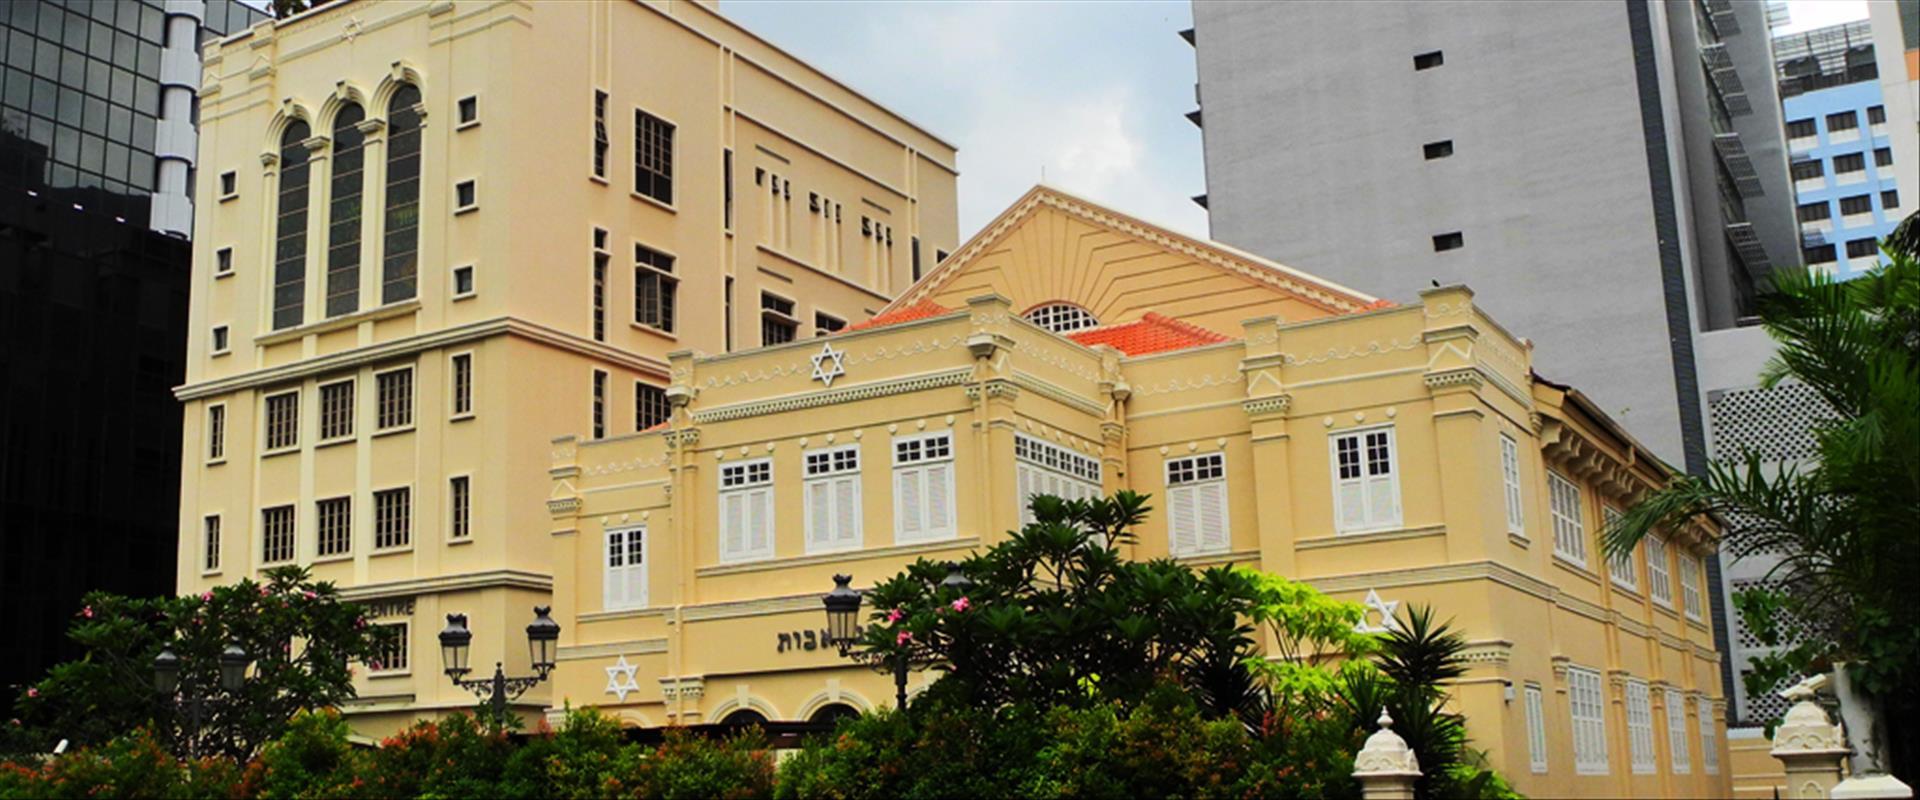 """בית הכנסת """"מגן אבות"""" בסינגפור, ארכיון"""